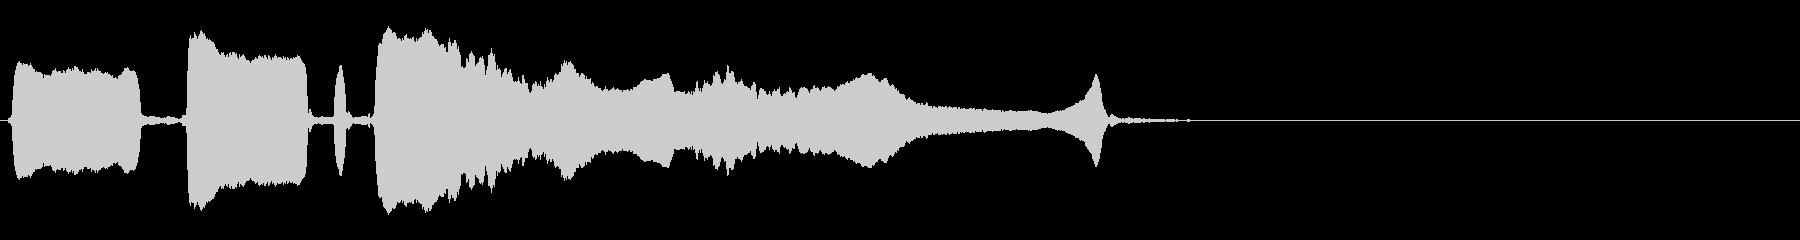 ソングホイッスル まぬけ(リズミカル2)の未再生の波形